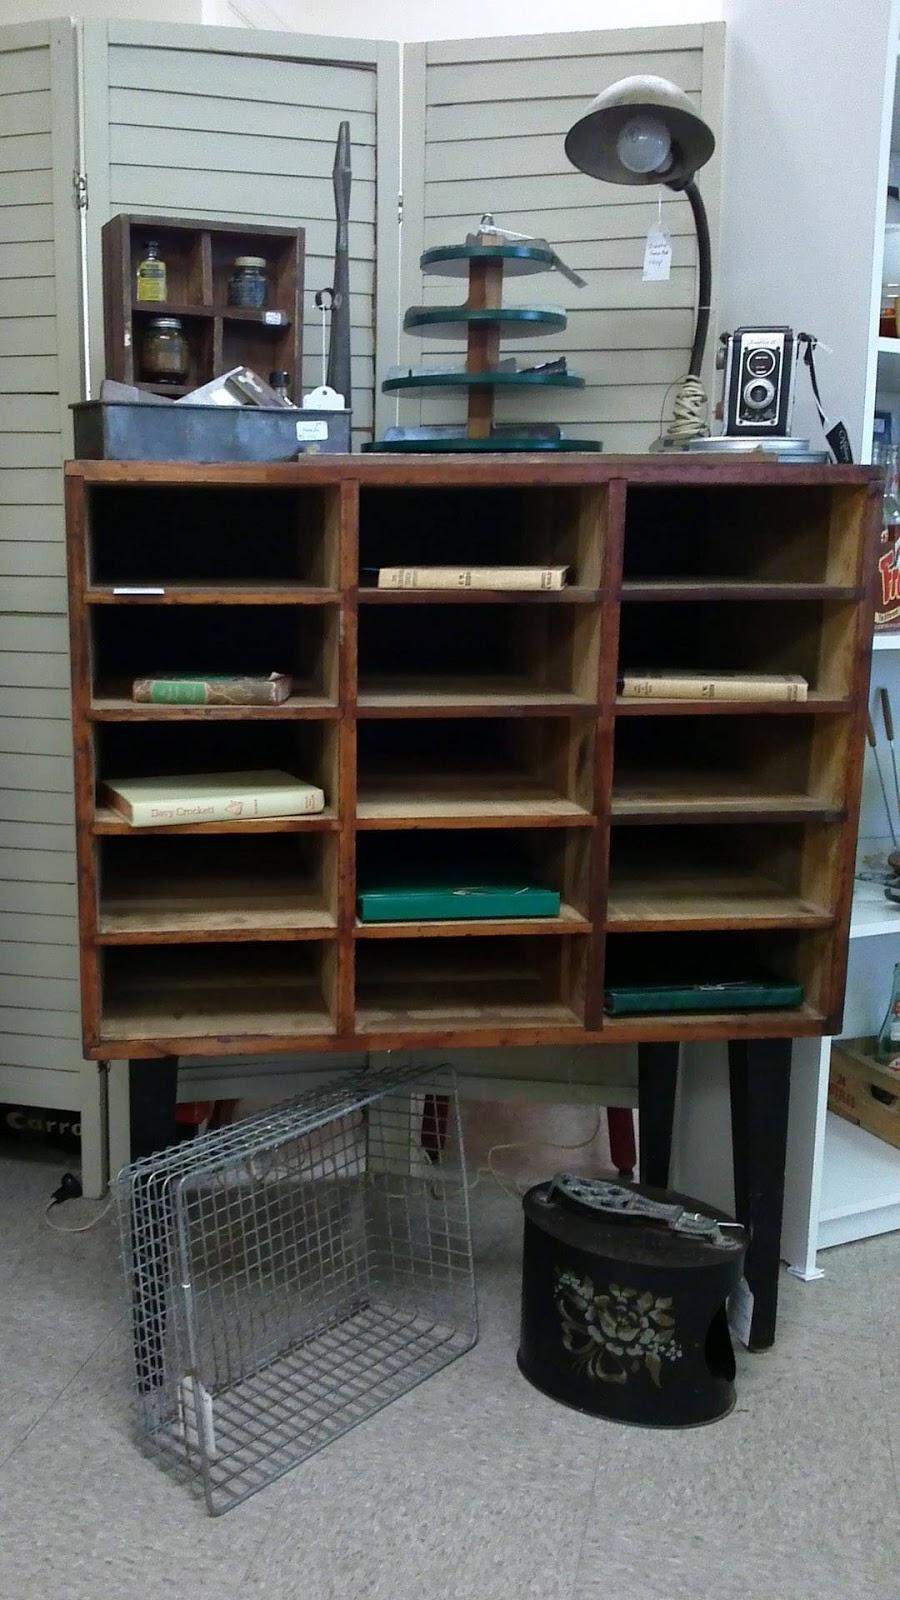 bella rosa antiques let 39 s talk vintage 107 new link. Black Bedroom Furniture Sets. Home Design Ideas